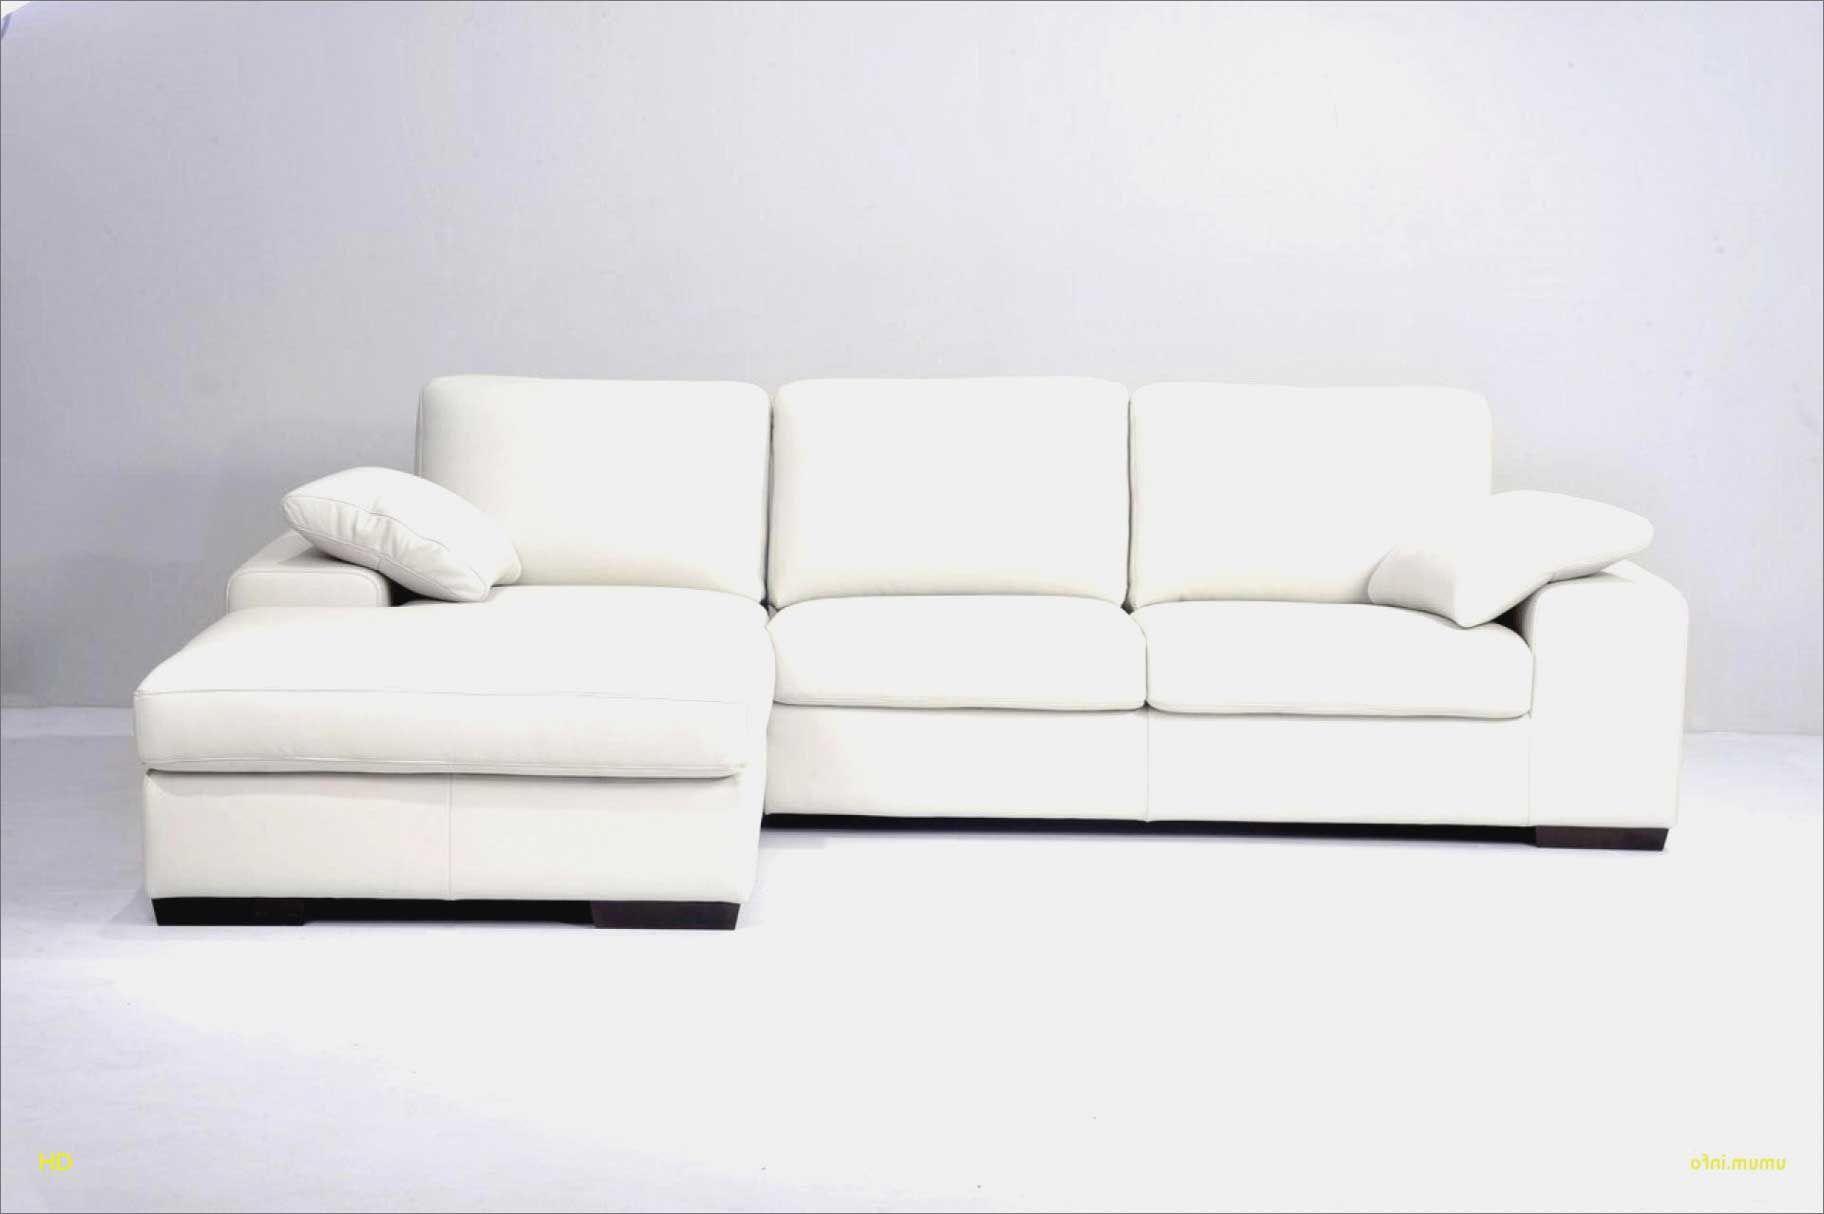 Nouveau Canape Sofa Canape Convertible Beige Canape ... encequiconcerne Canape Beige Convertible